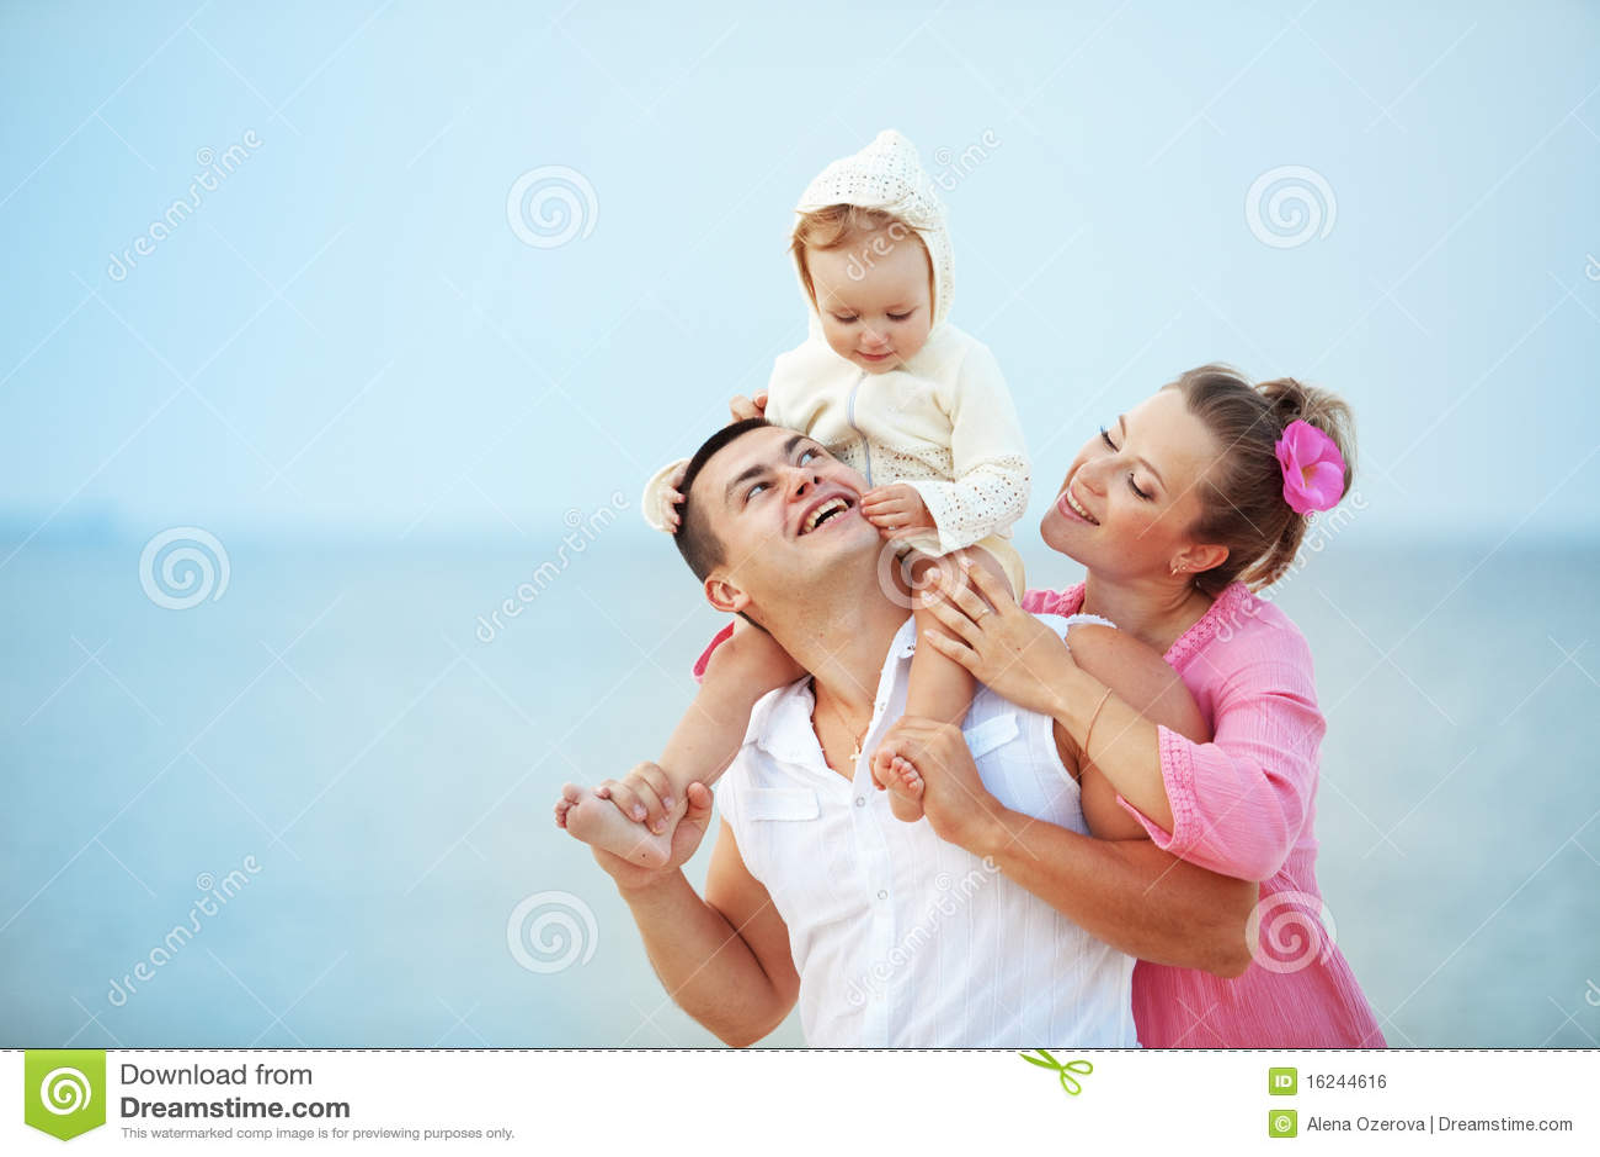 Секс мамы и папы при детях 17 фотография